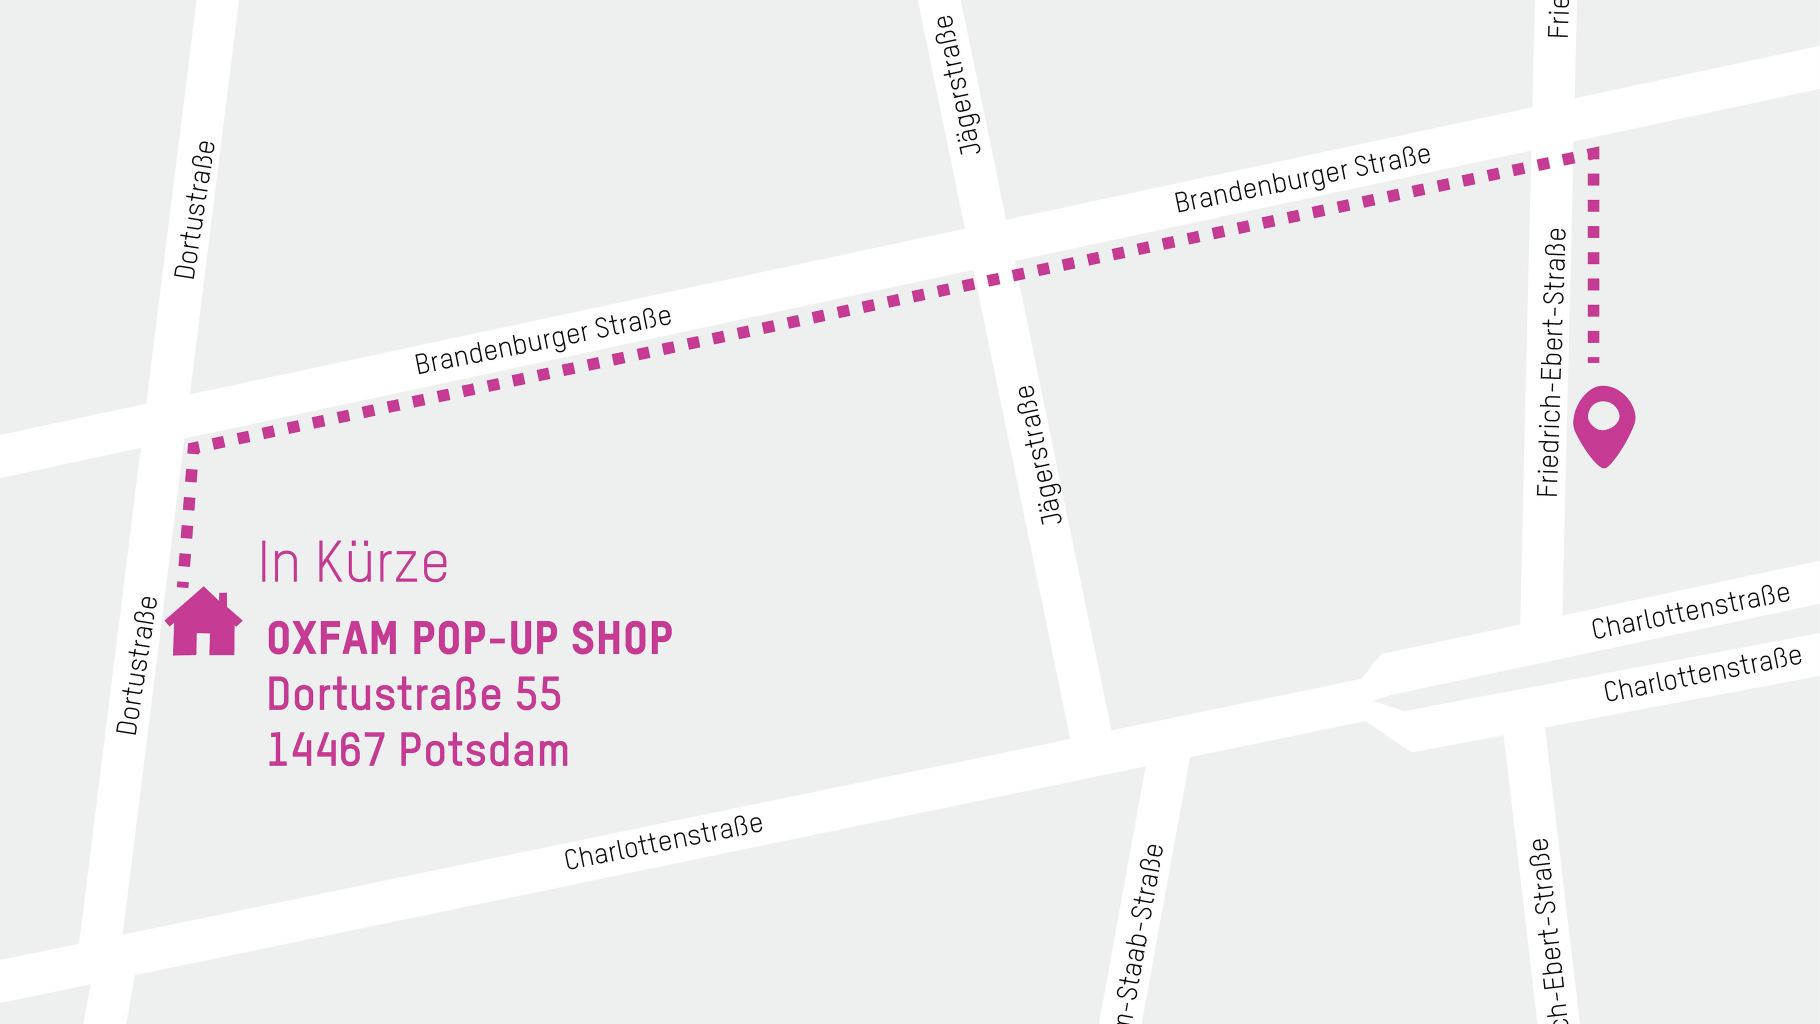 Der neue vorübergehende Standort für den Oxfam Shop Potsdam